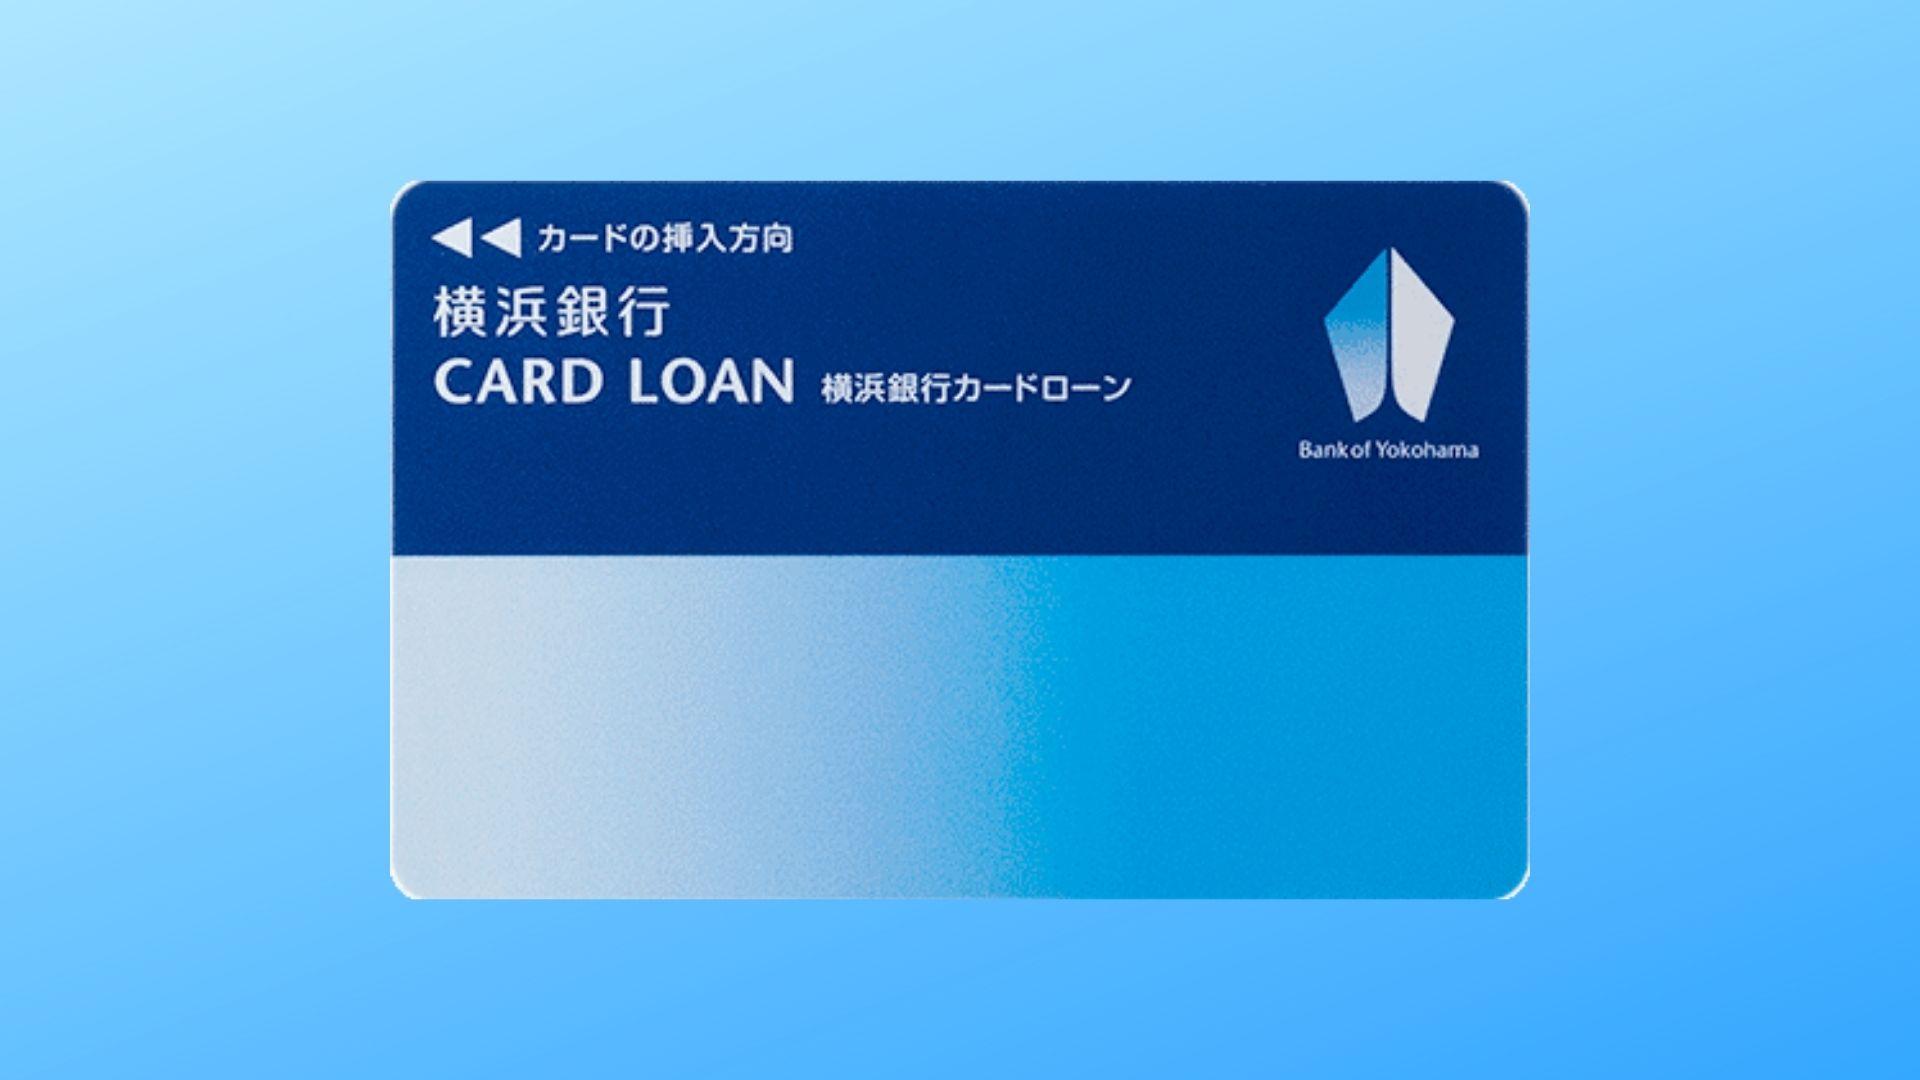 横浜銀行カードローンの審査基準を徹底解説!口コミ・評判も紹介